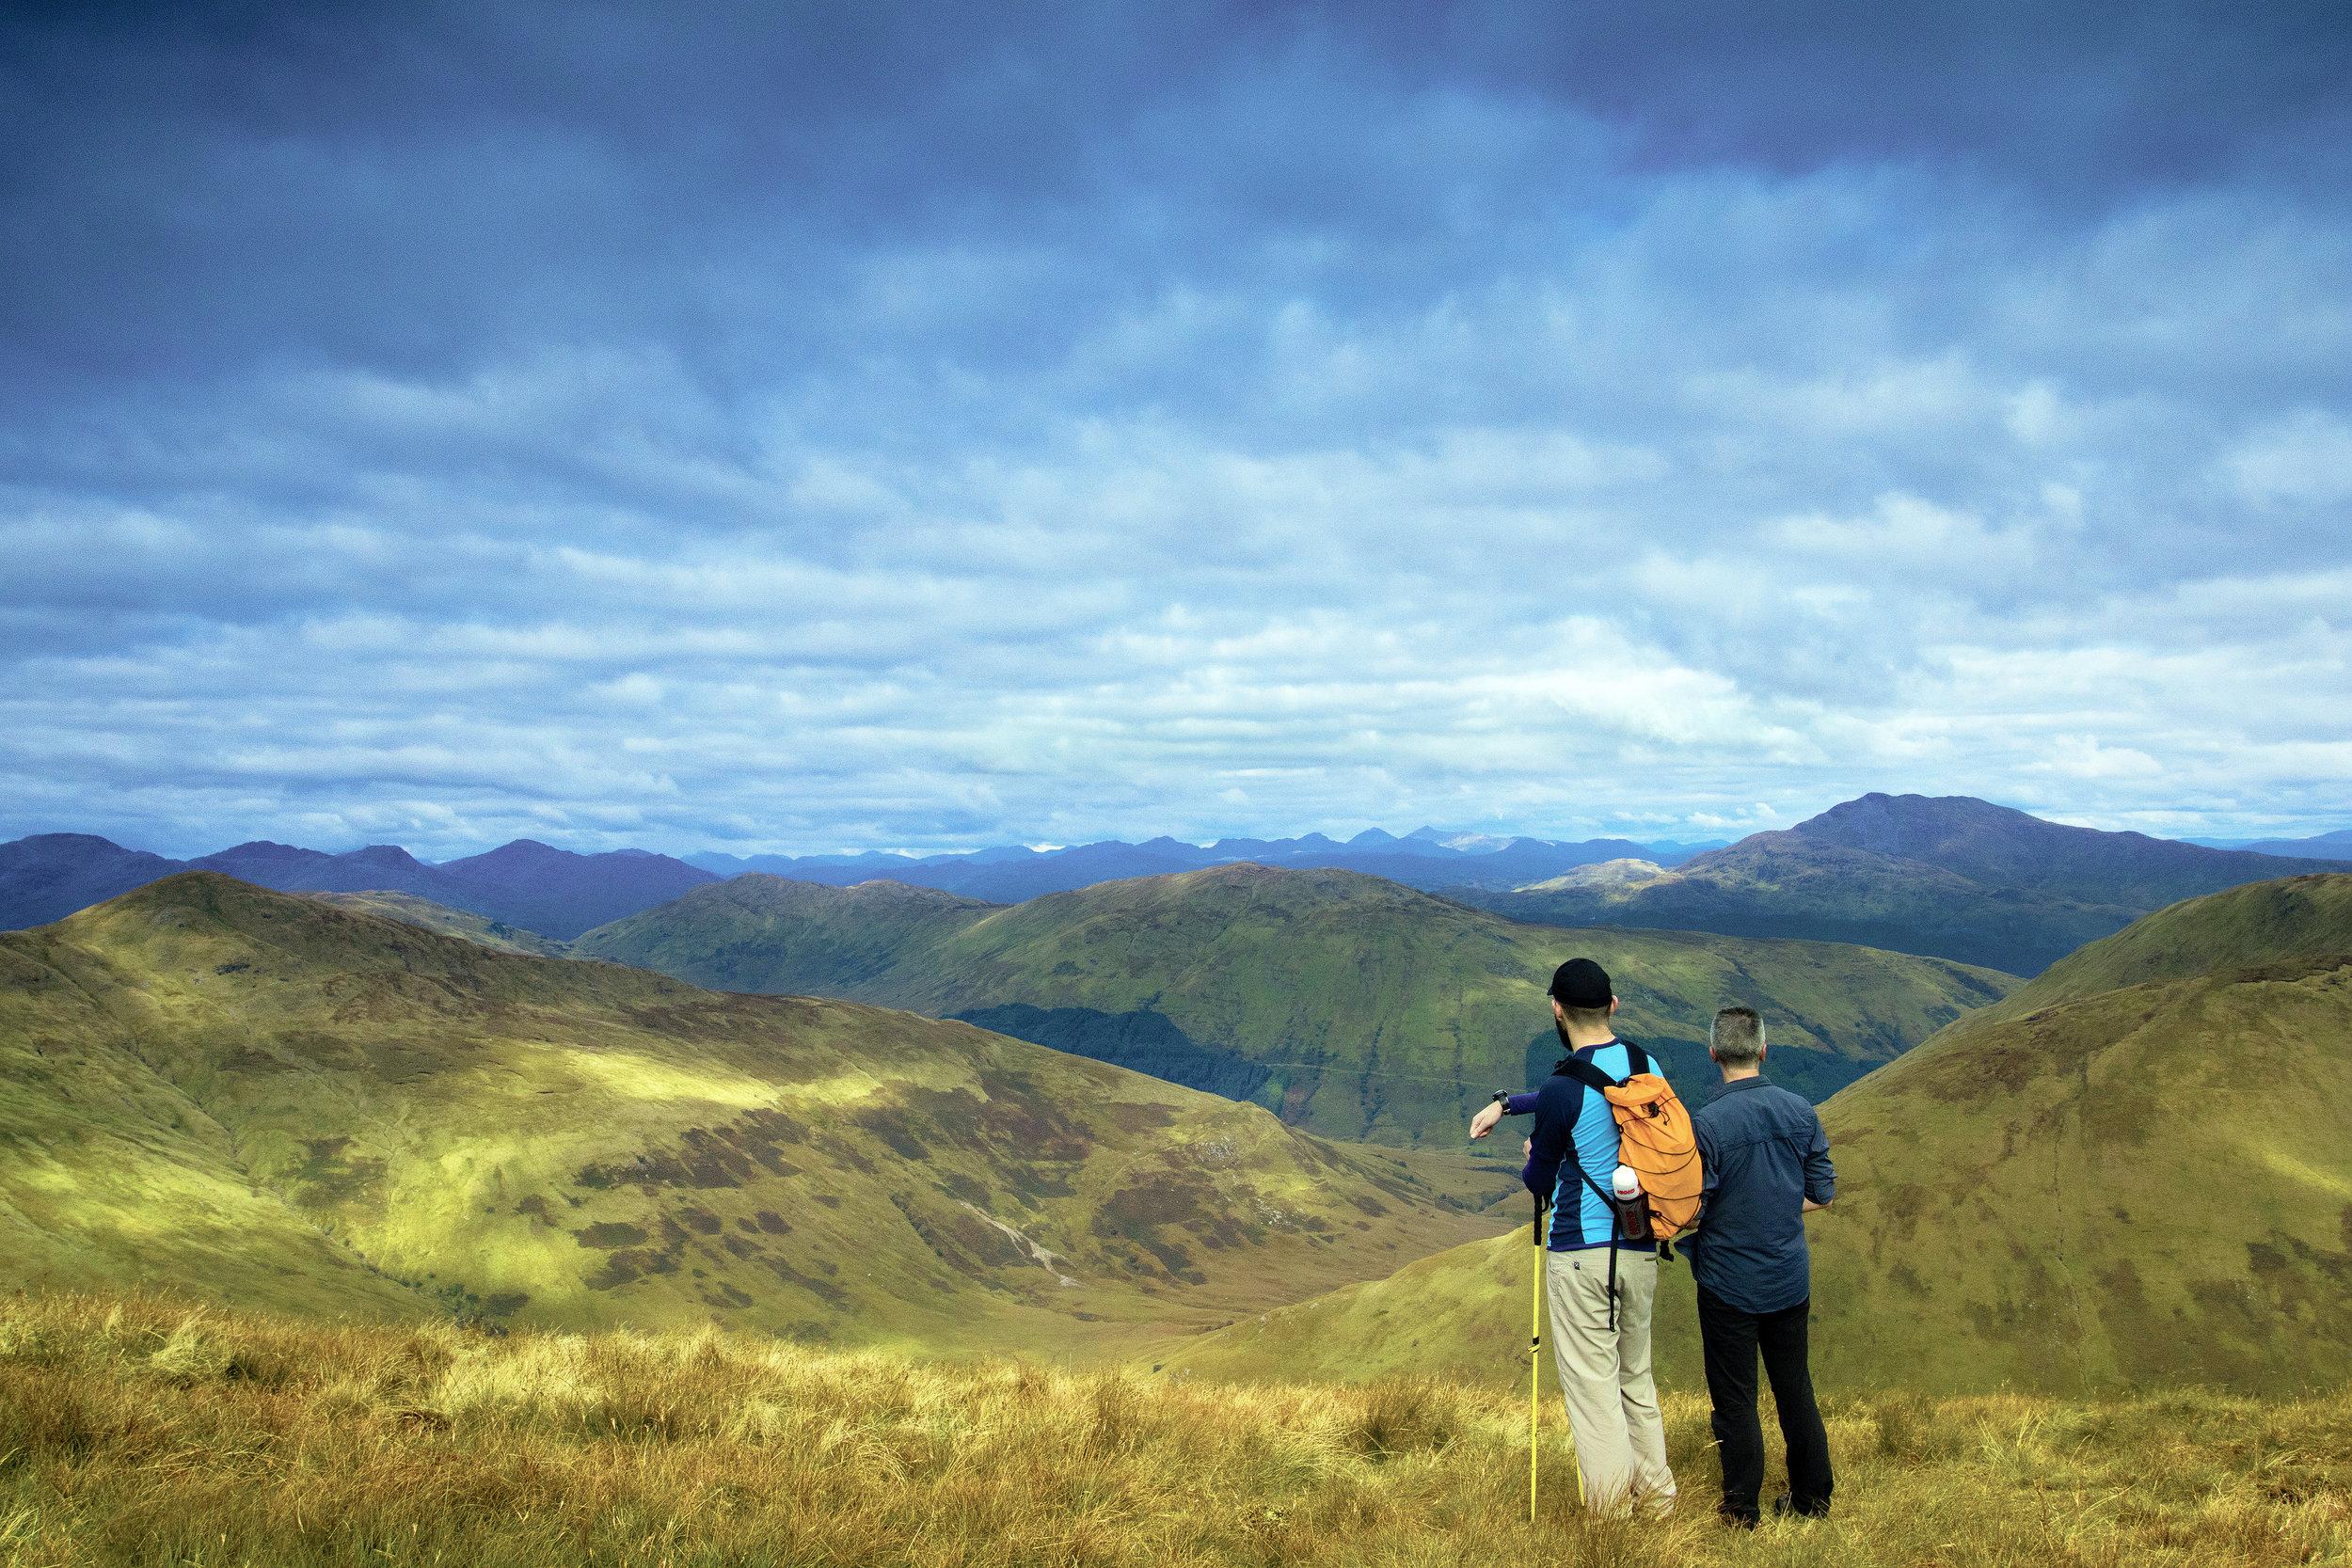 Peak views from Beinn Eich in the Loch Lomond and Trossachs National Park.